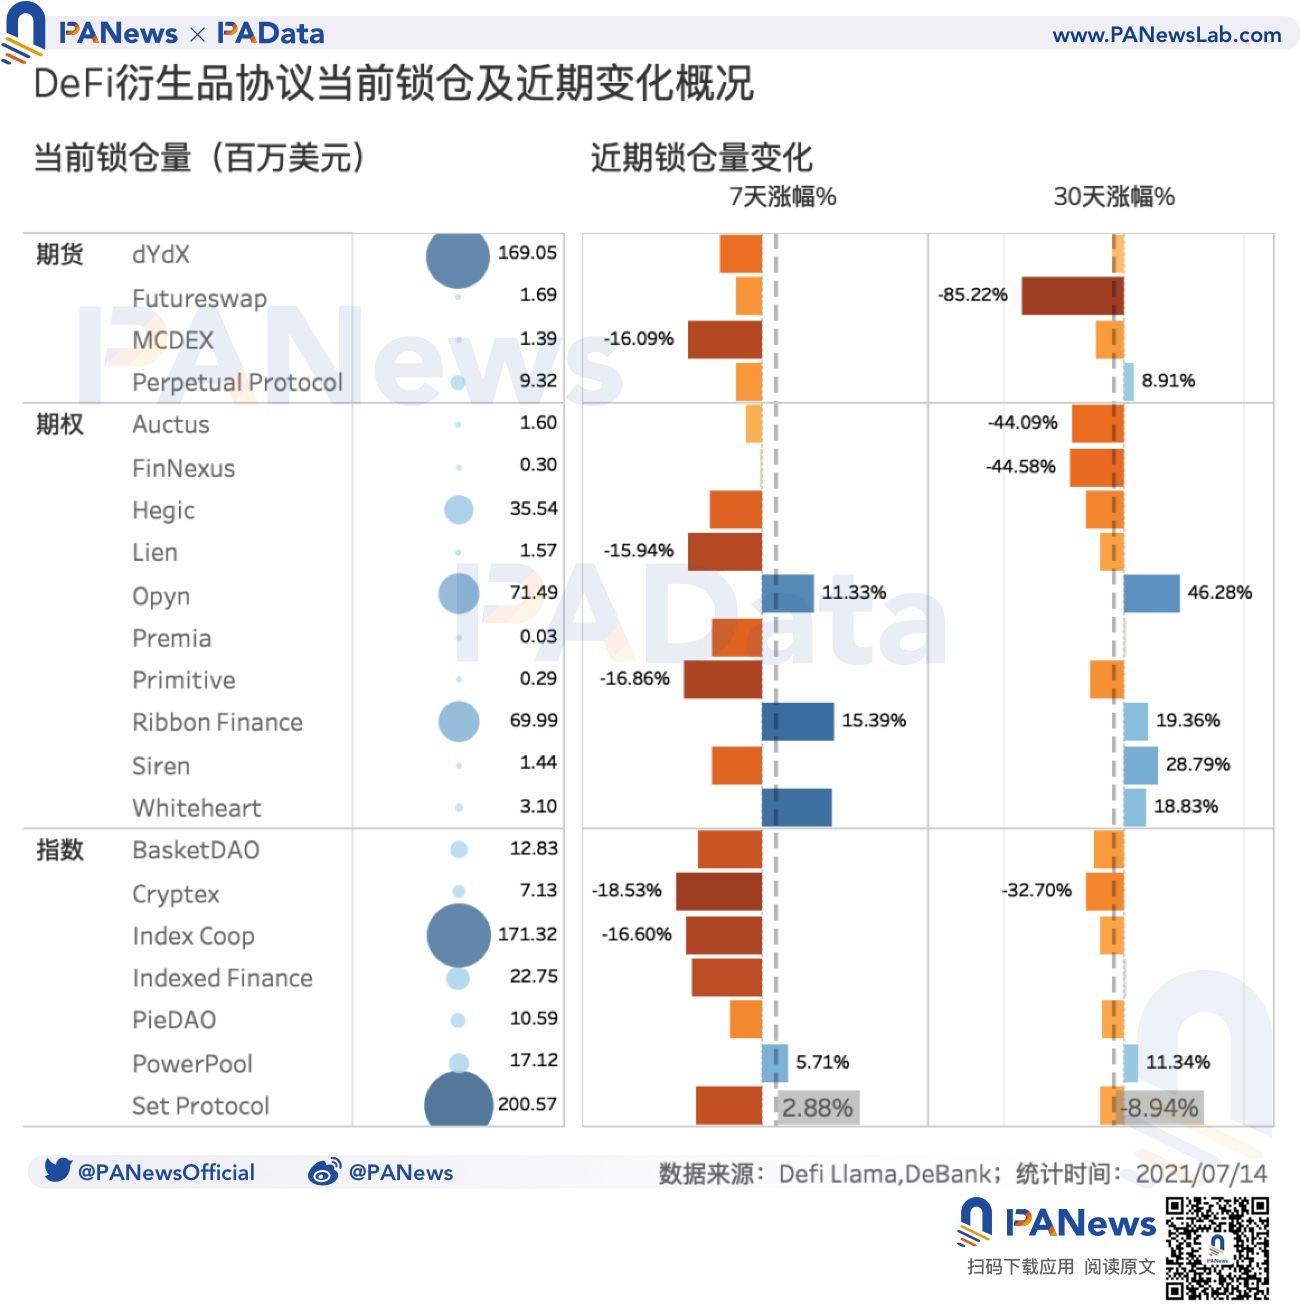 DeFi衍生品還有多大潛力? 預估日交易量僅5.8億美元,不足中心化平台百分之一